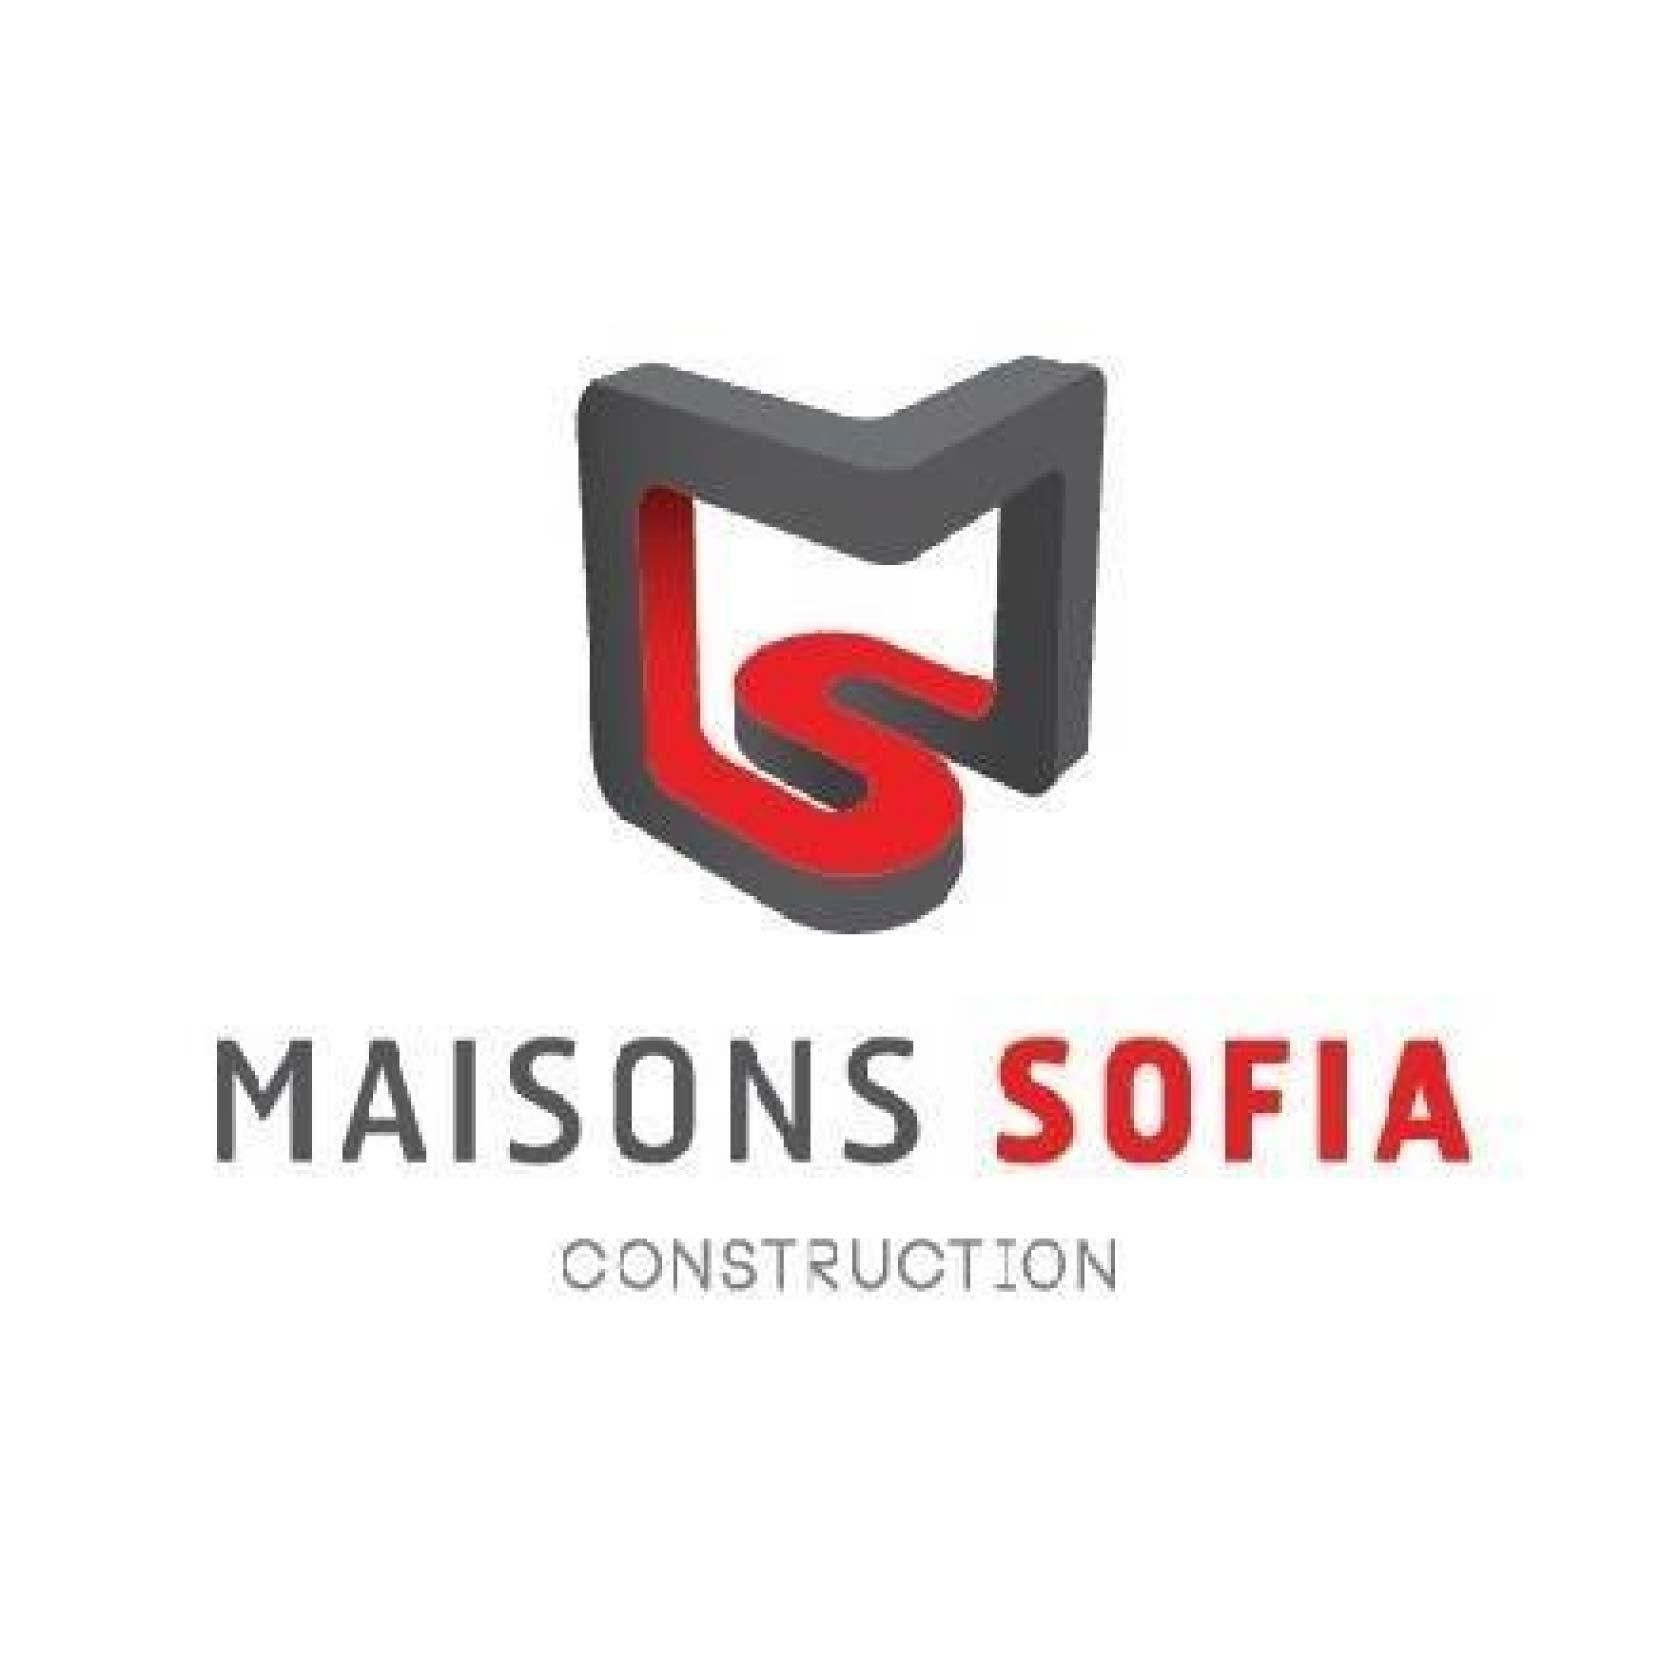 LOGO MAISONS SOFIA